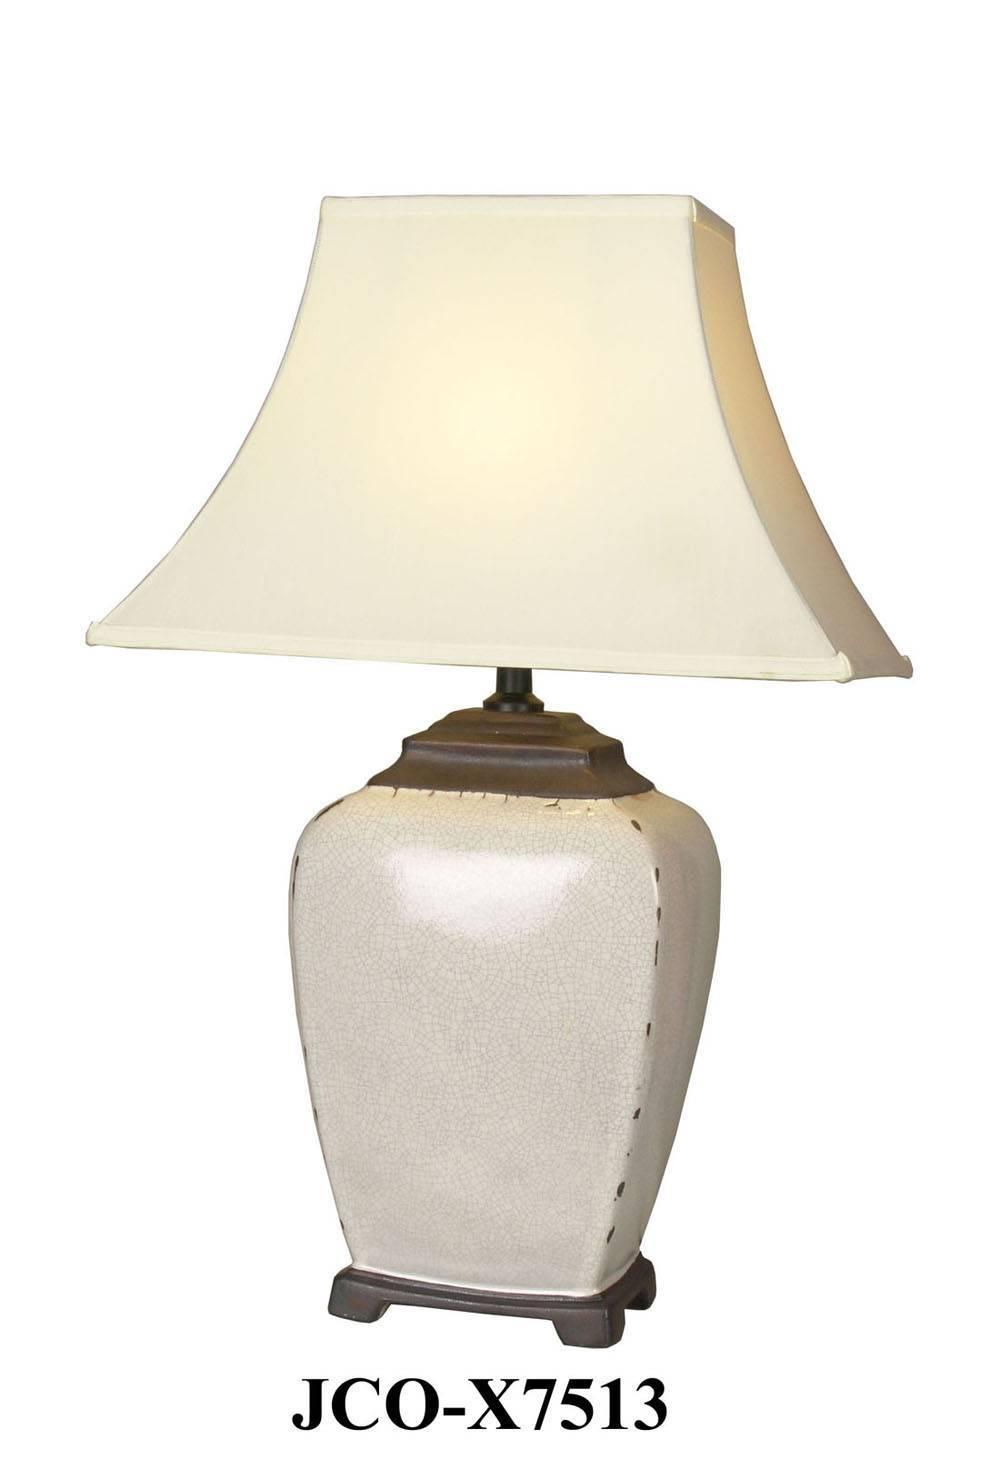 Good Looking Ceramic Table Lamp